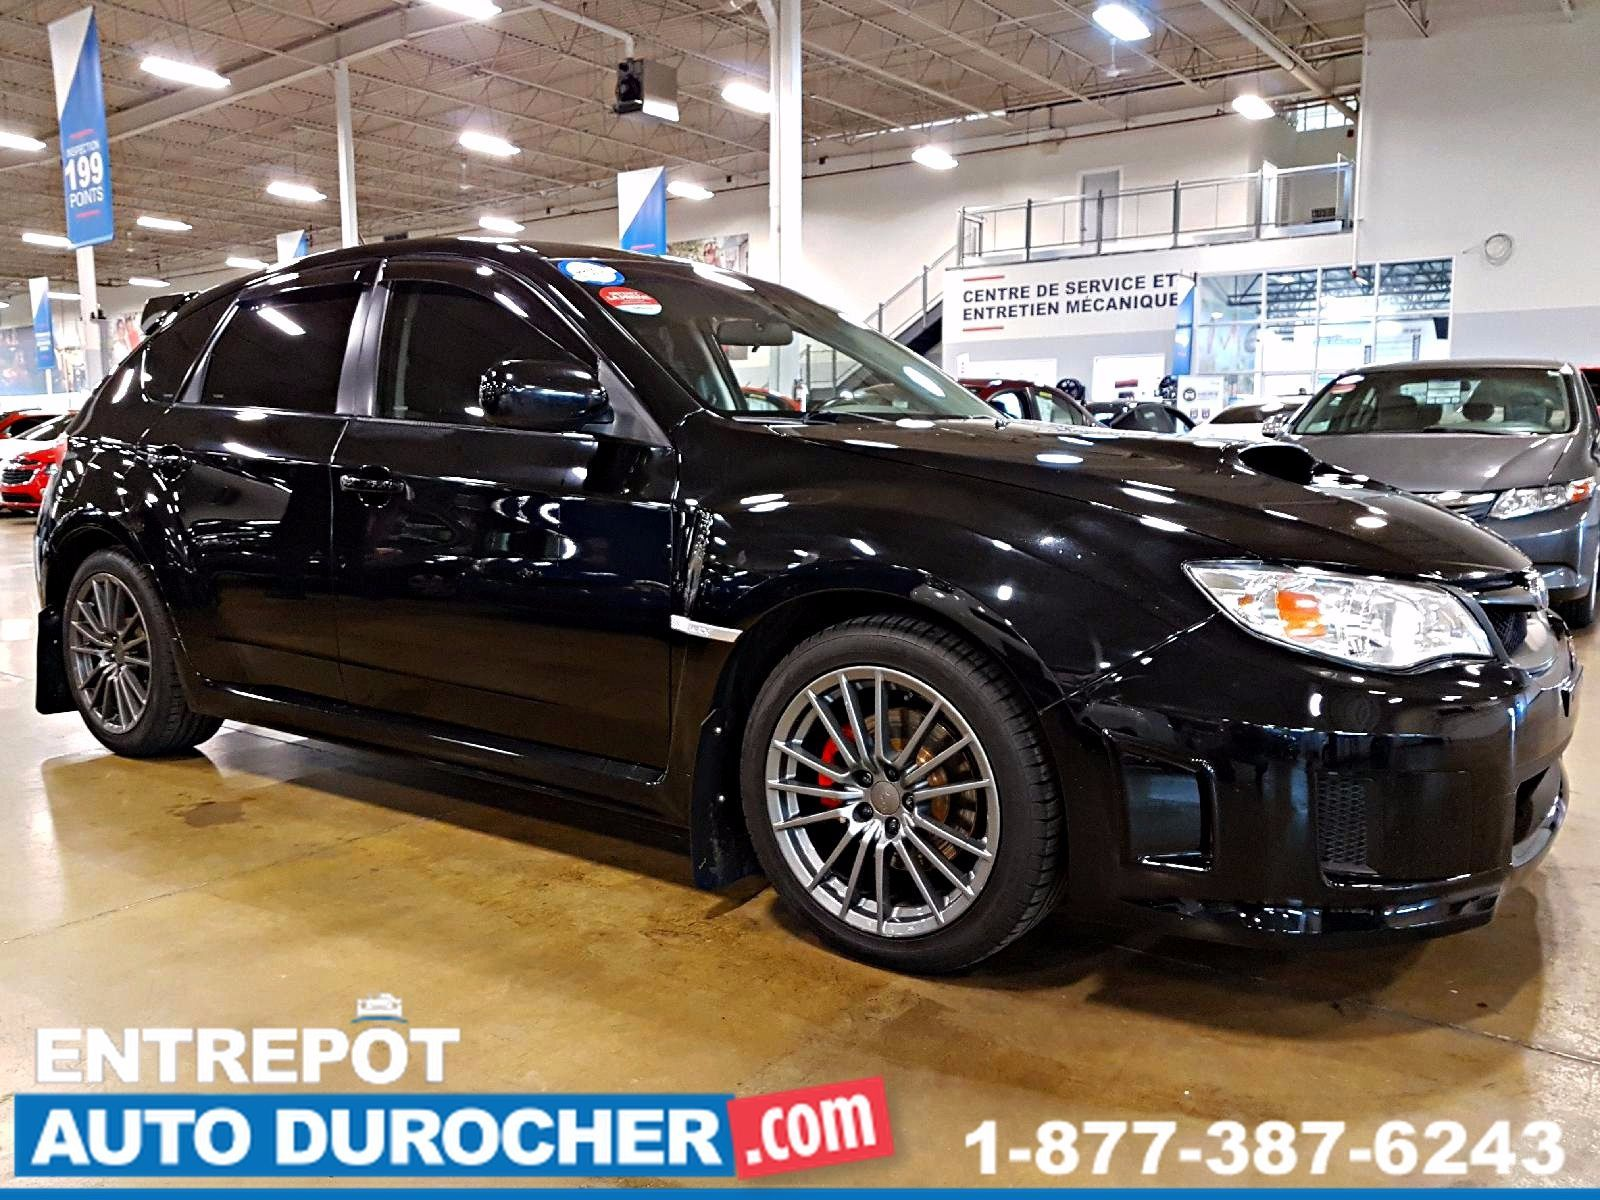 Subaru WRX 4X4 - AIR CLIMATISÉ - TOIT OUVRANT - 2013